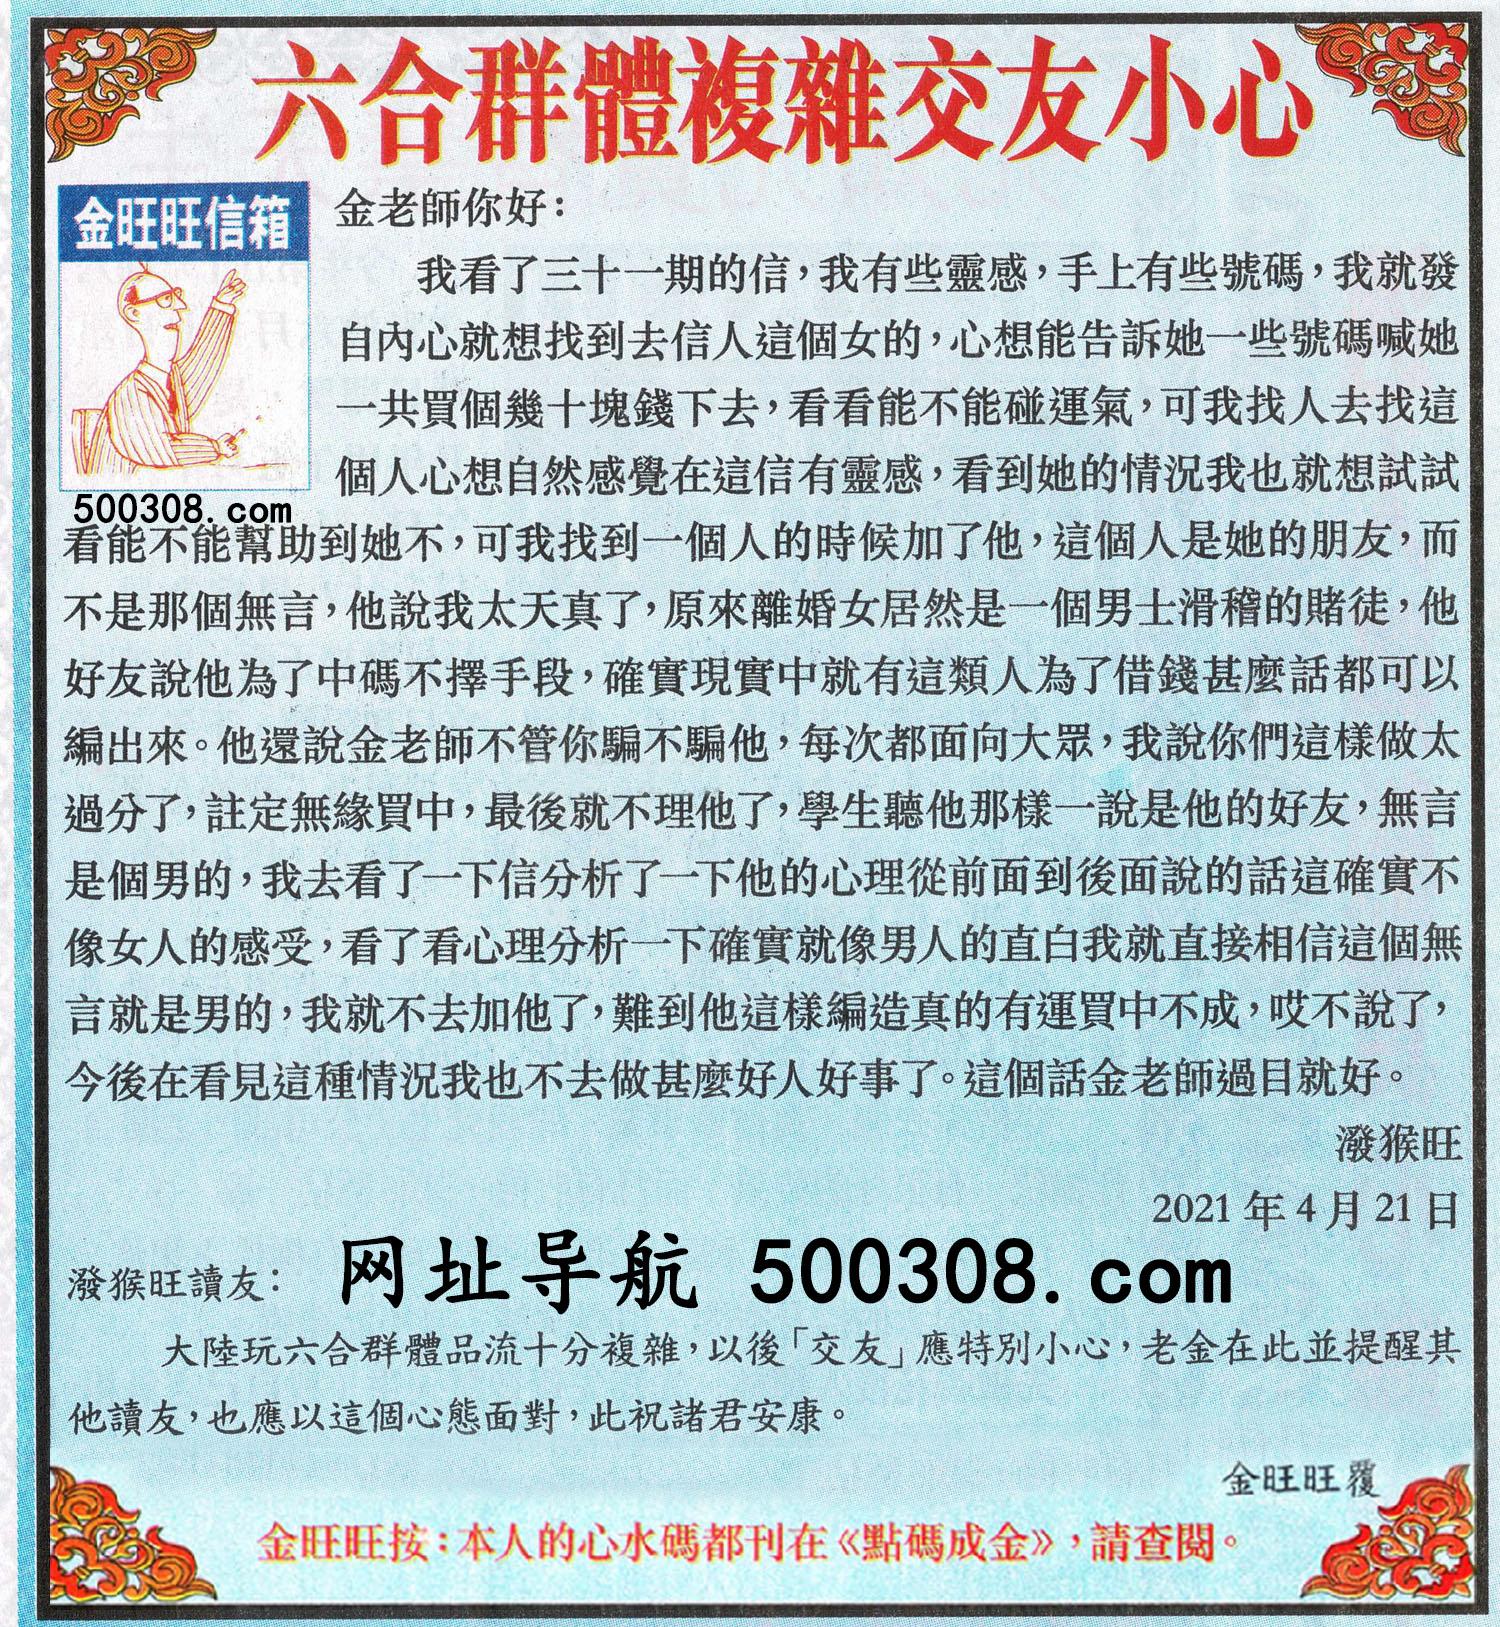 051期:金旺旺信箱彩民推荐→→《六合群�w�}�s交友小心》